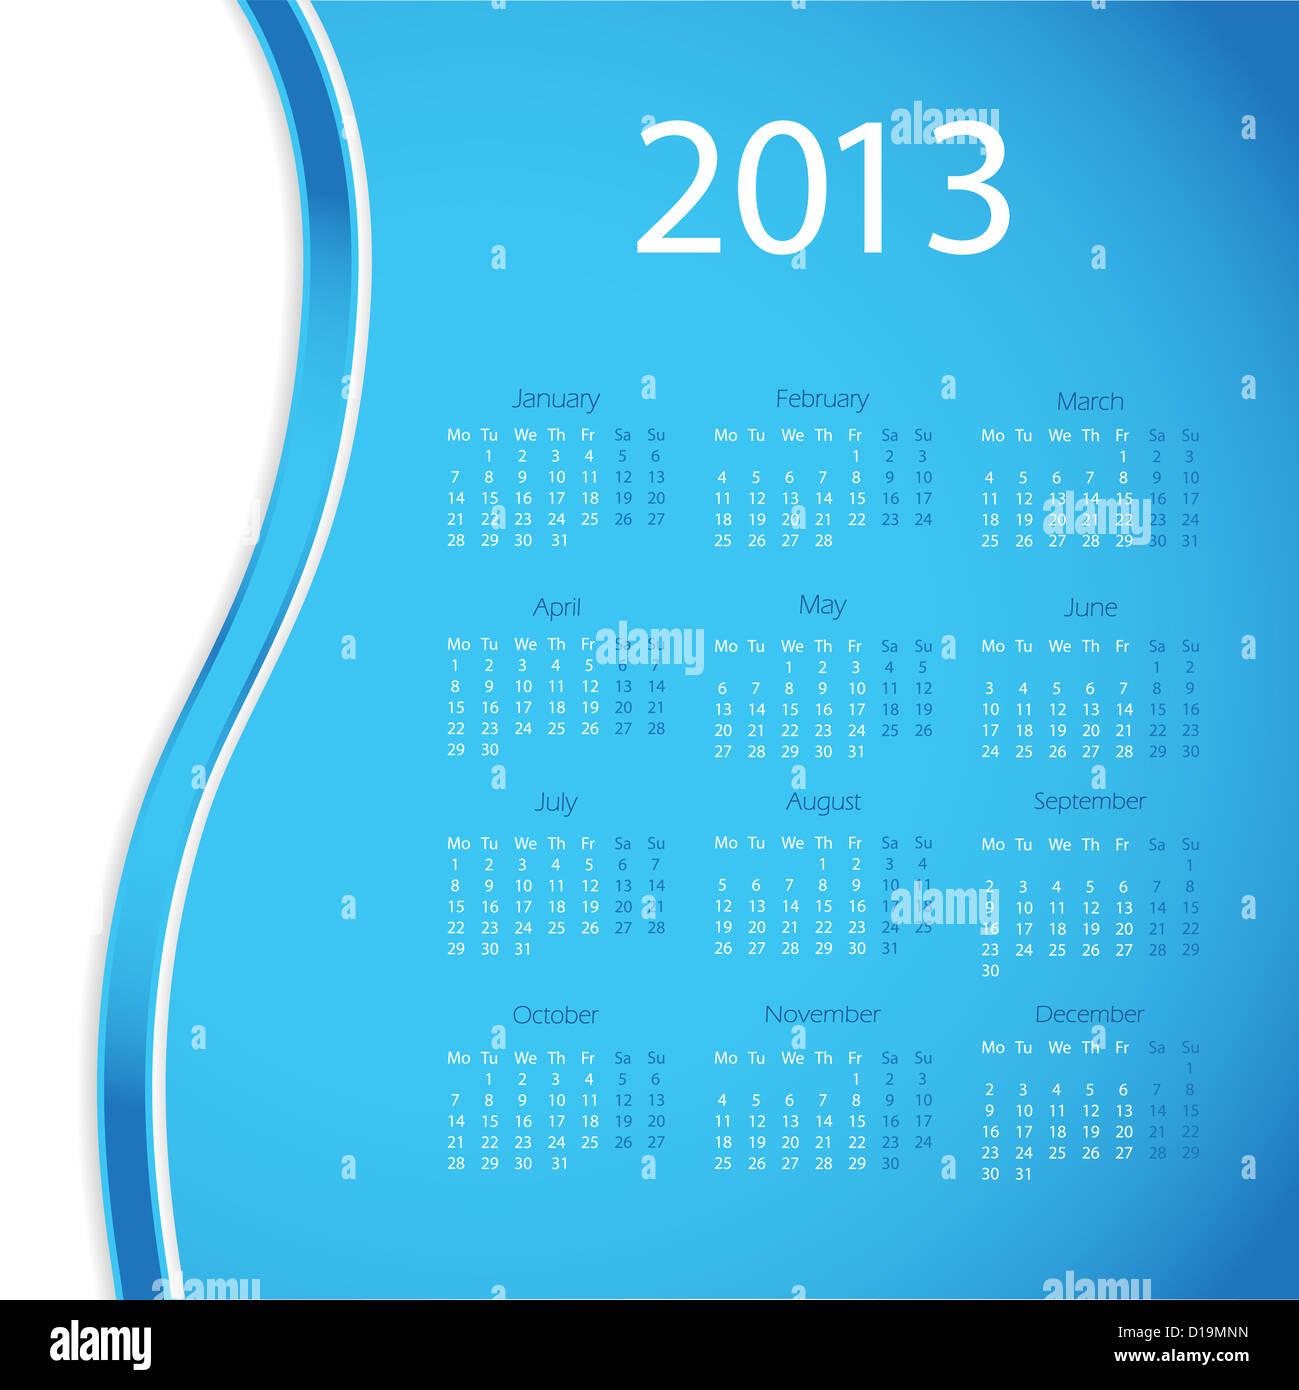 2013 year calendar stock photo 52459617 alamy